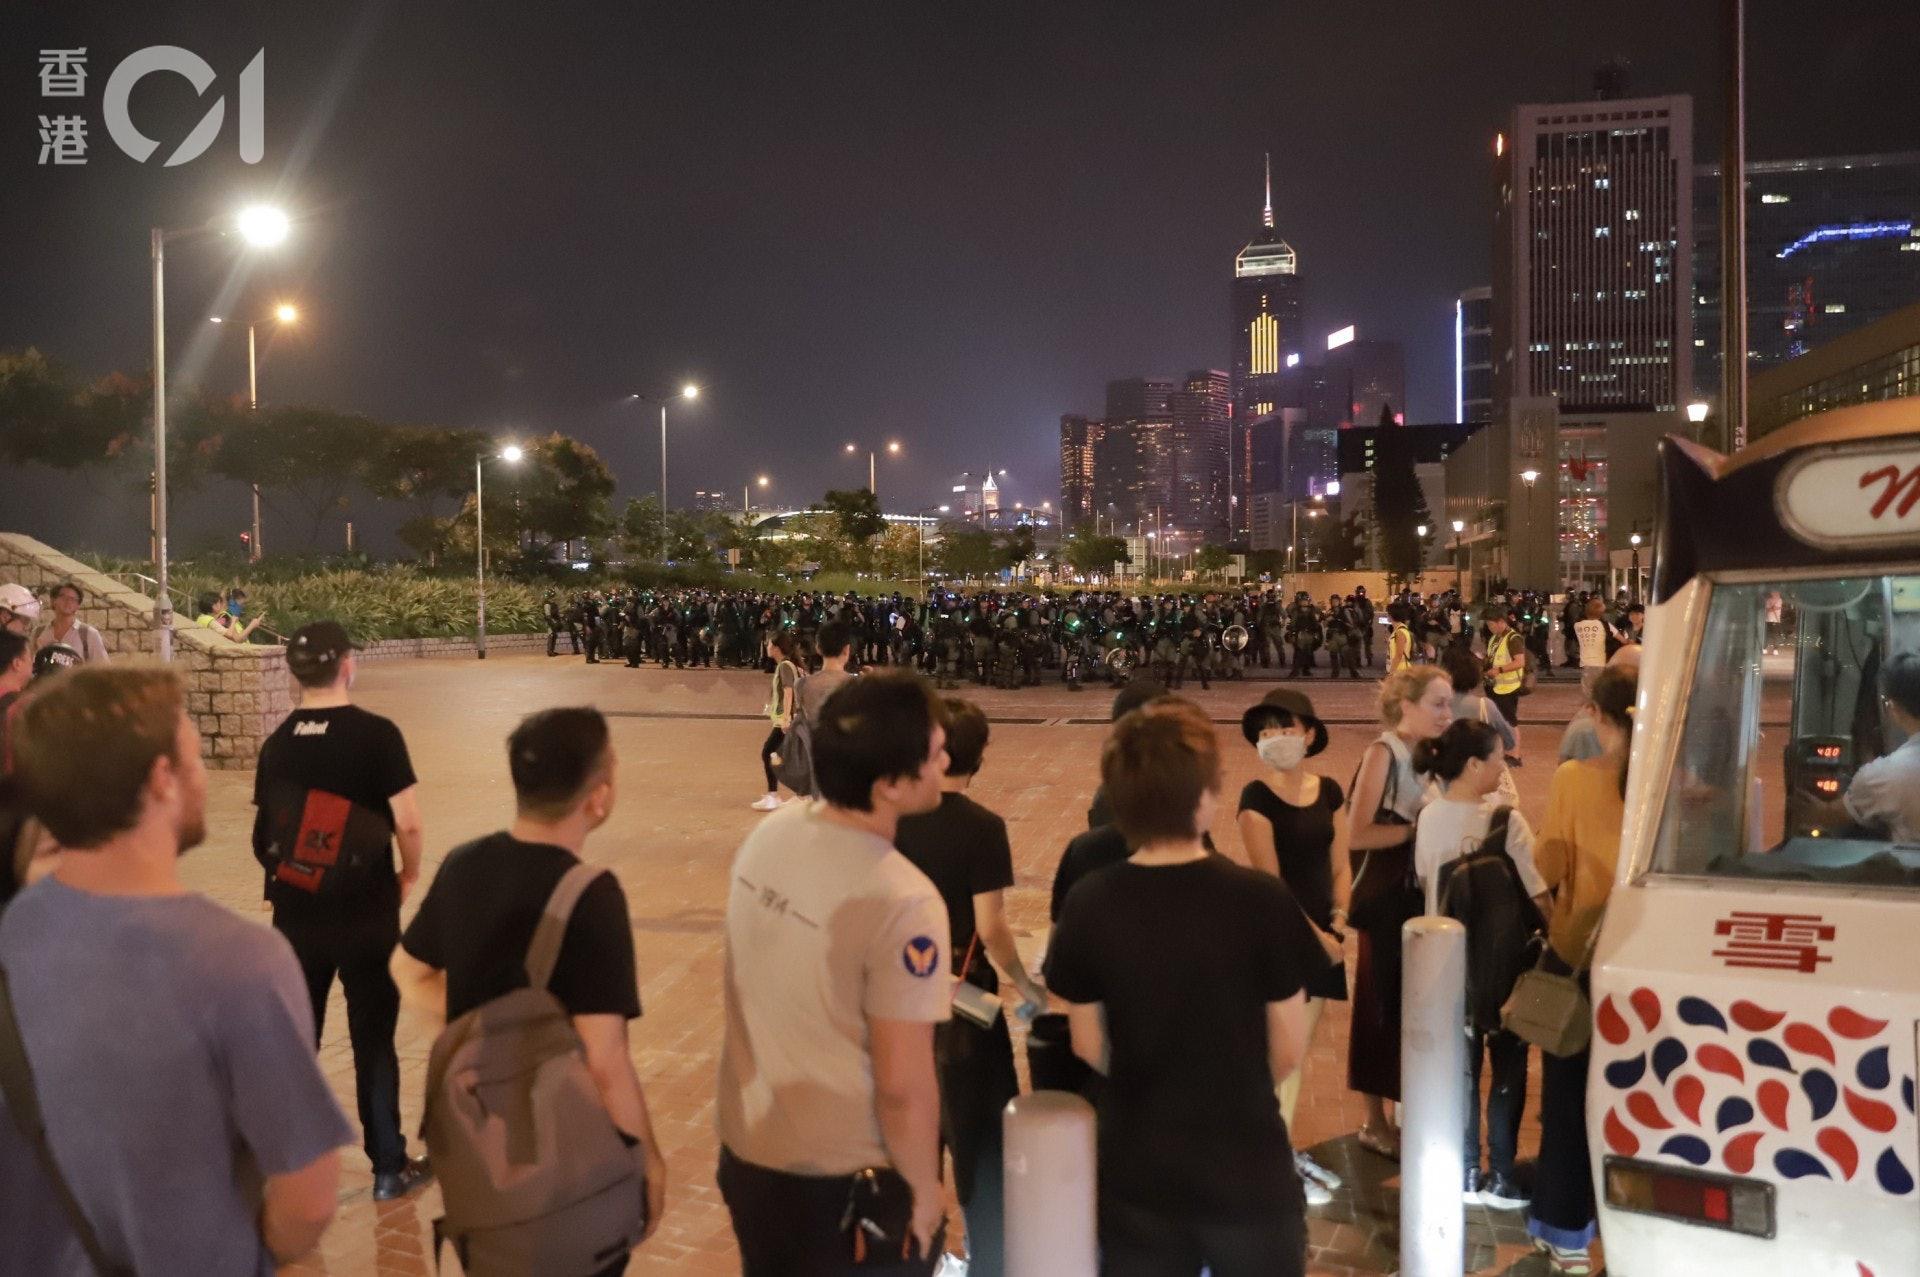 2019年9月28日,雨運五年過去,香港人對防暴警已習以為常。(羅國輝攝)